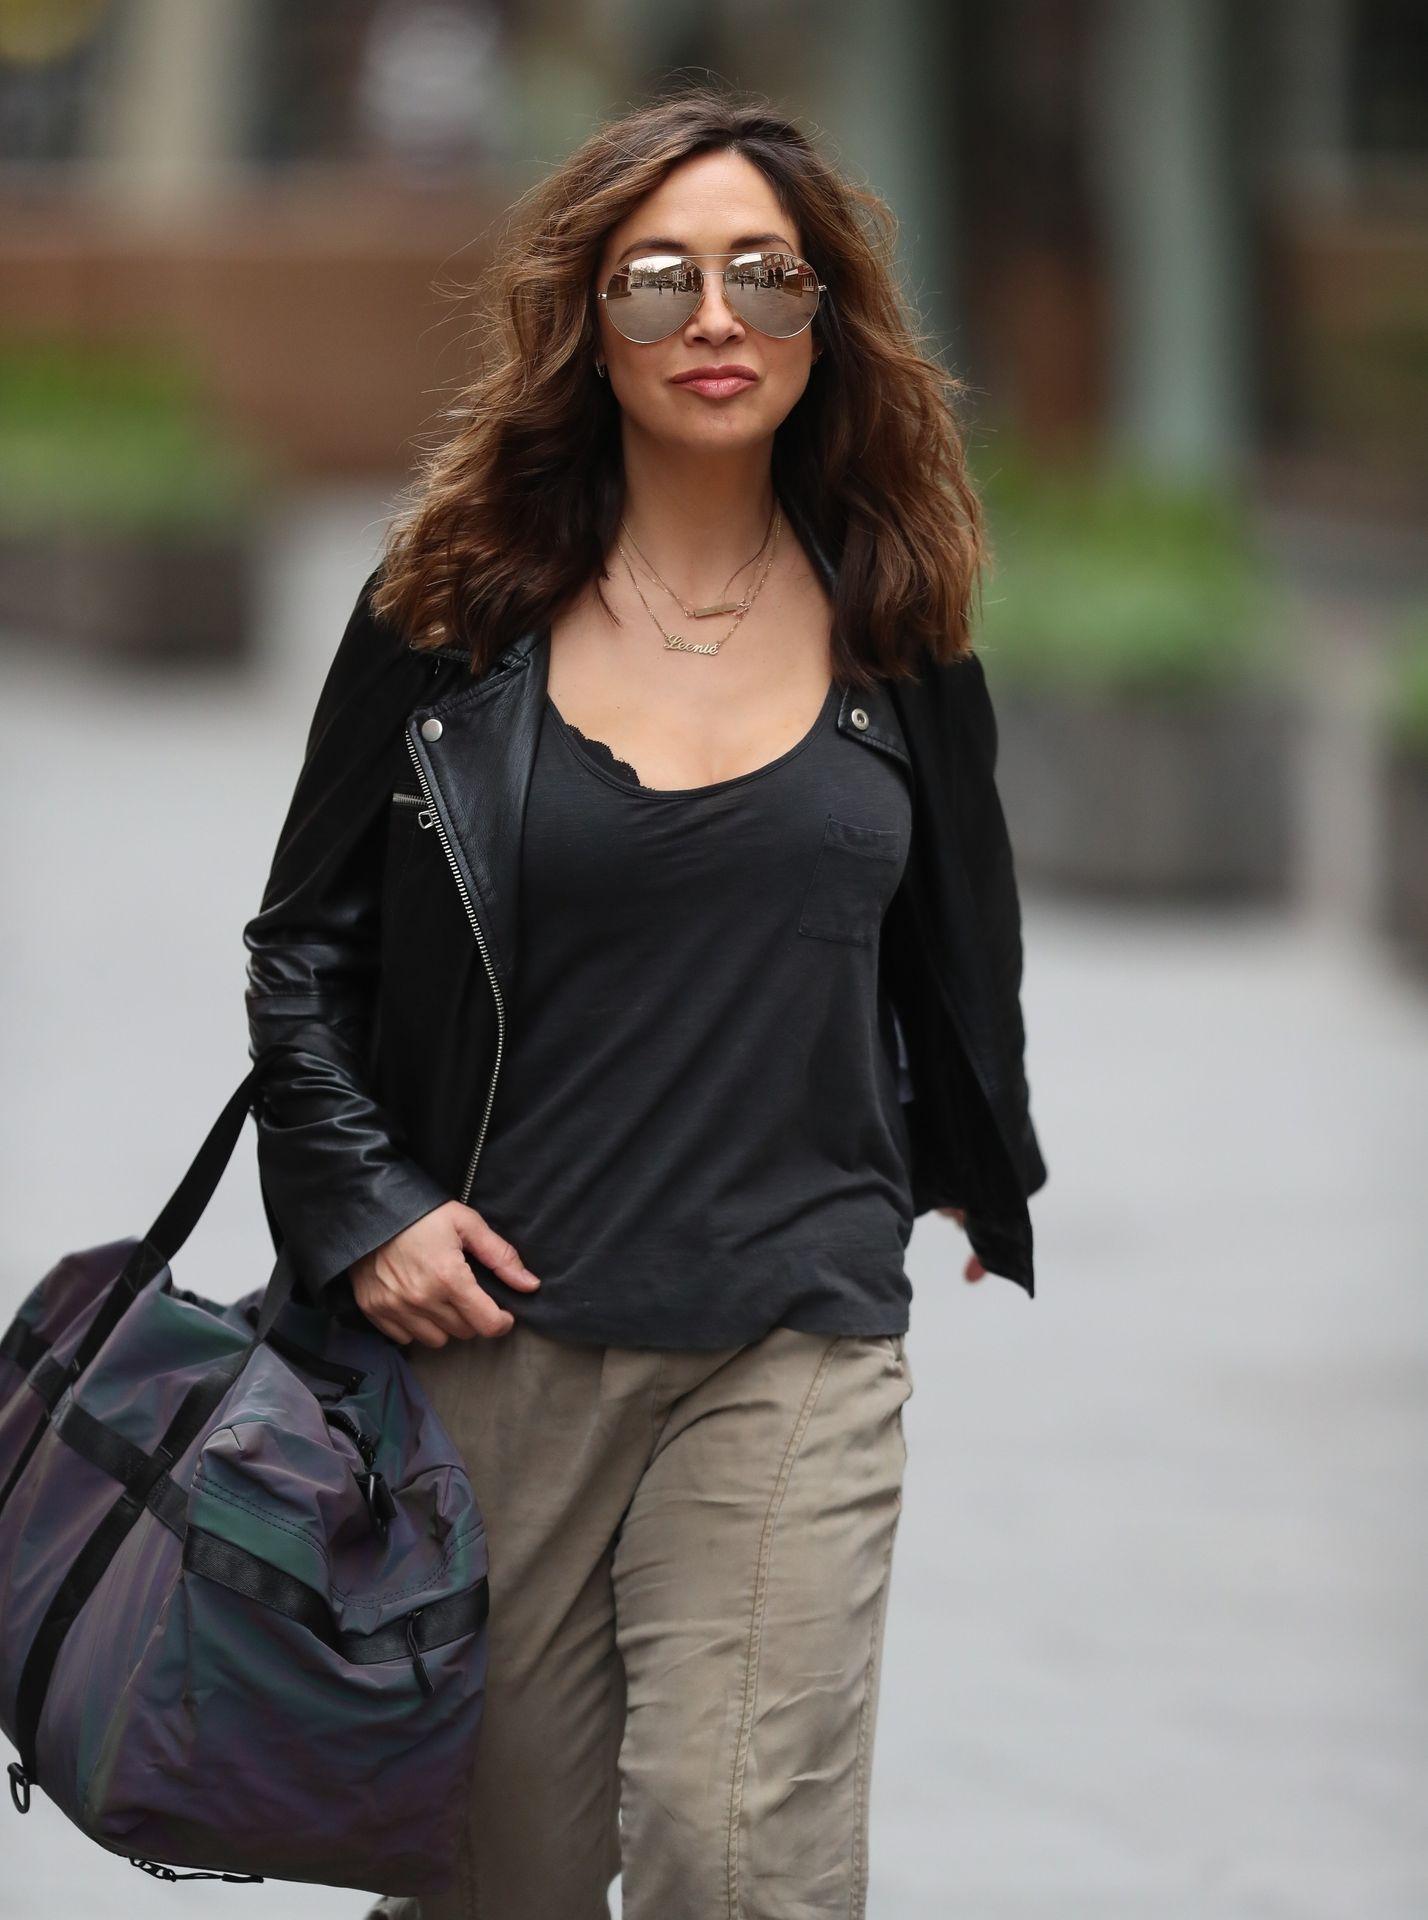 Myleene Klass Looks Hot In All Black In London 0018